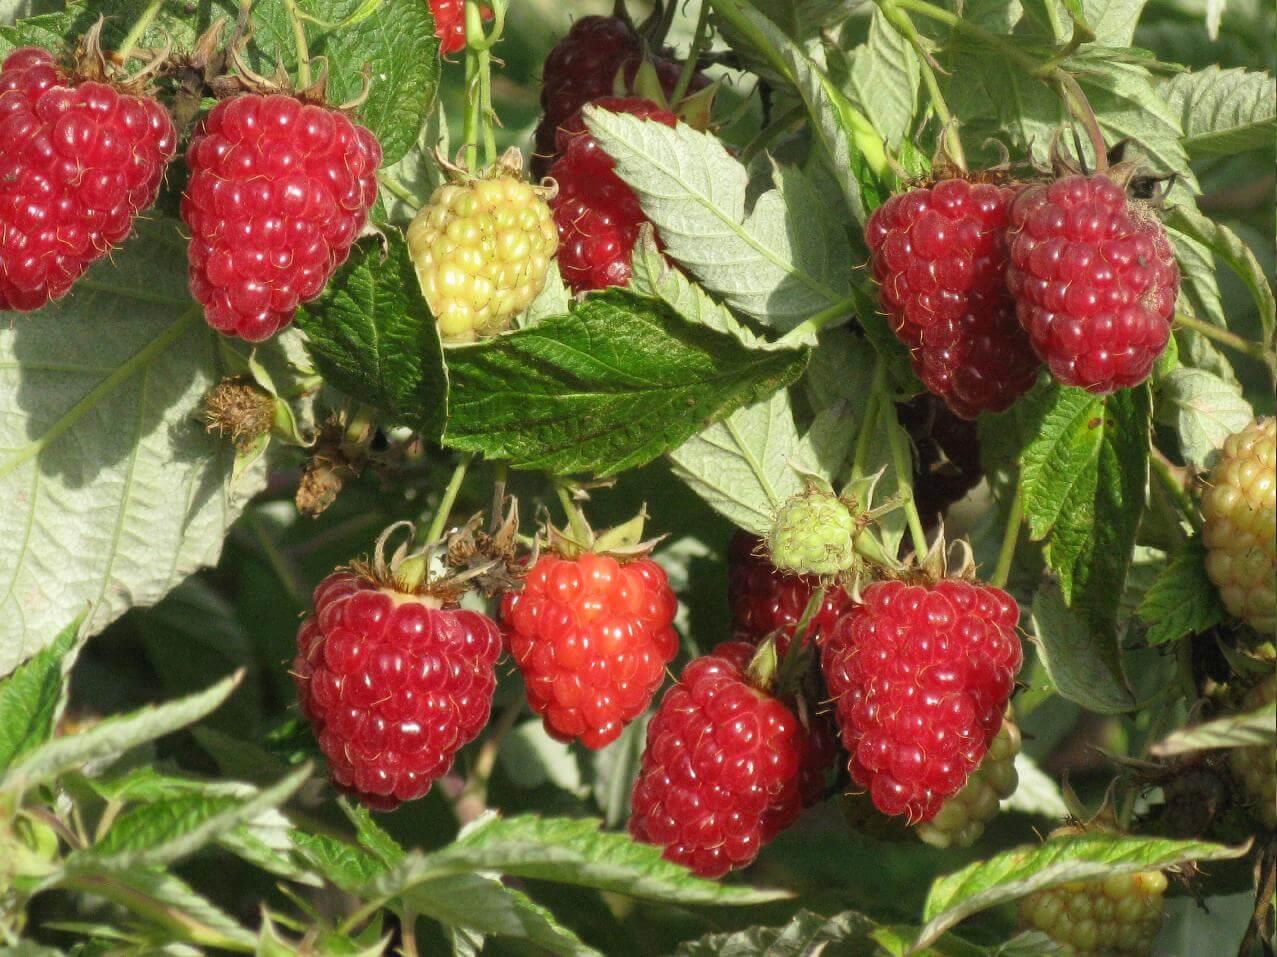 Сорт малины Бальзам: правила выращивания для начинающих садоводов